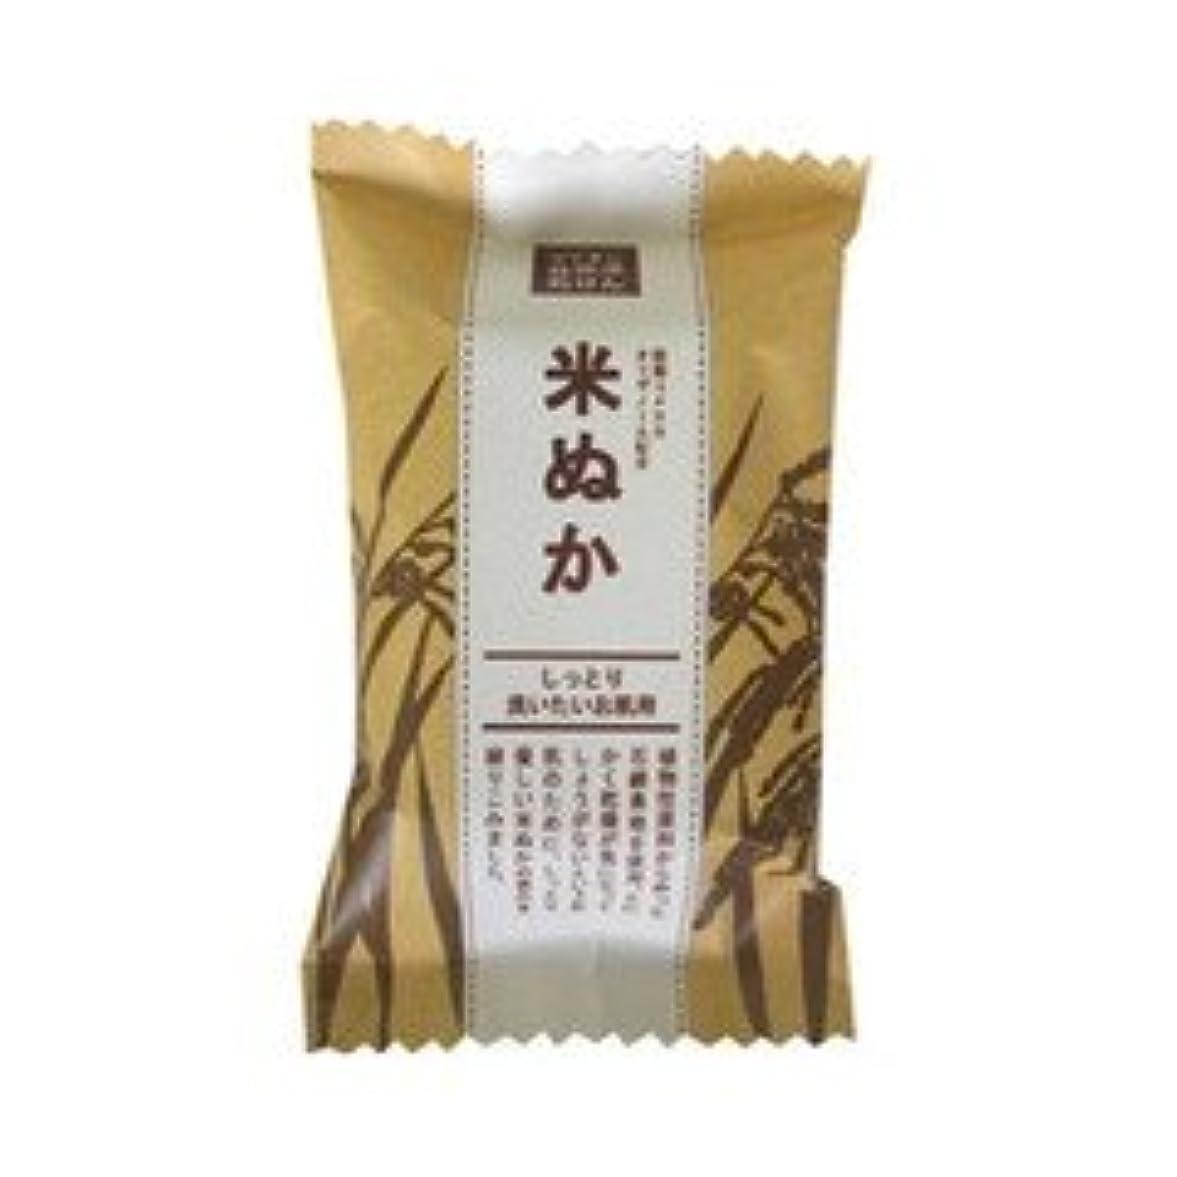 時間とともに楽しむ経済的ペリカン石鹸 ペリカン自然派石けん米ぬか